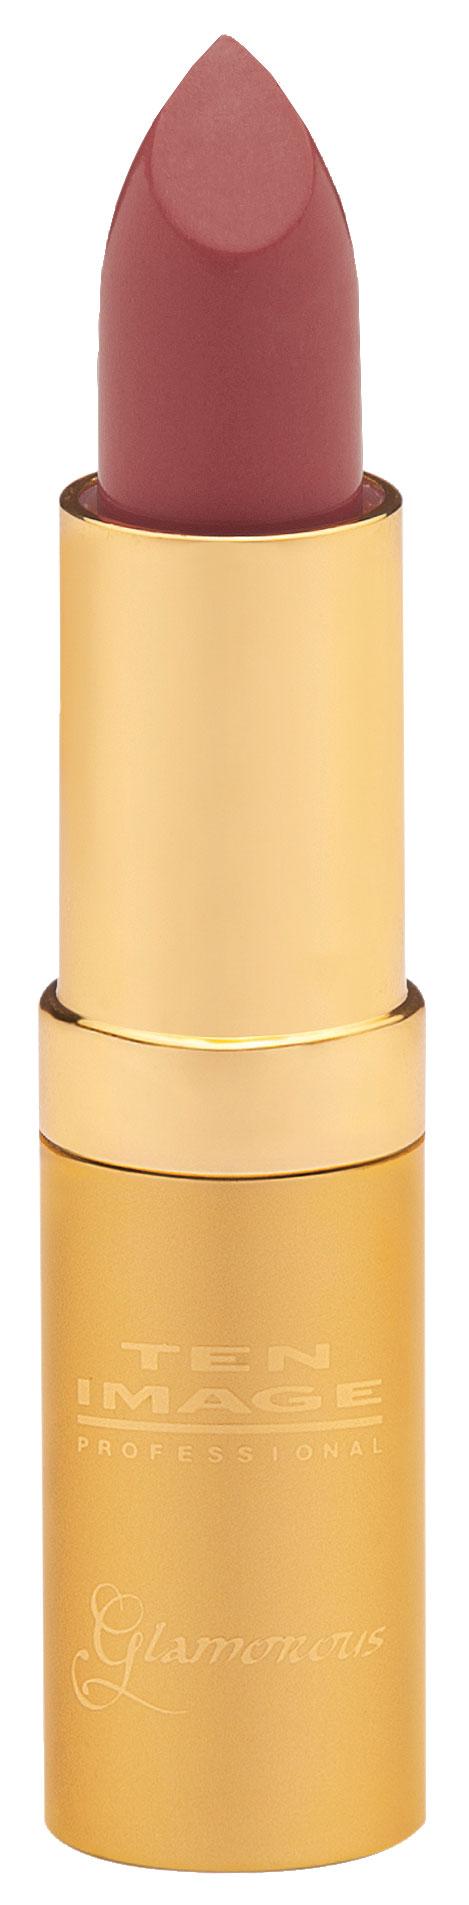 Luxury Lipstick de Ten Image